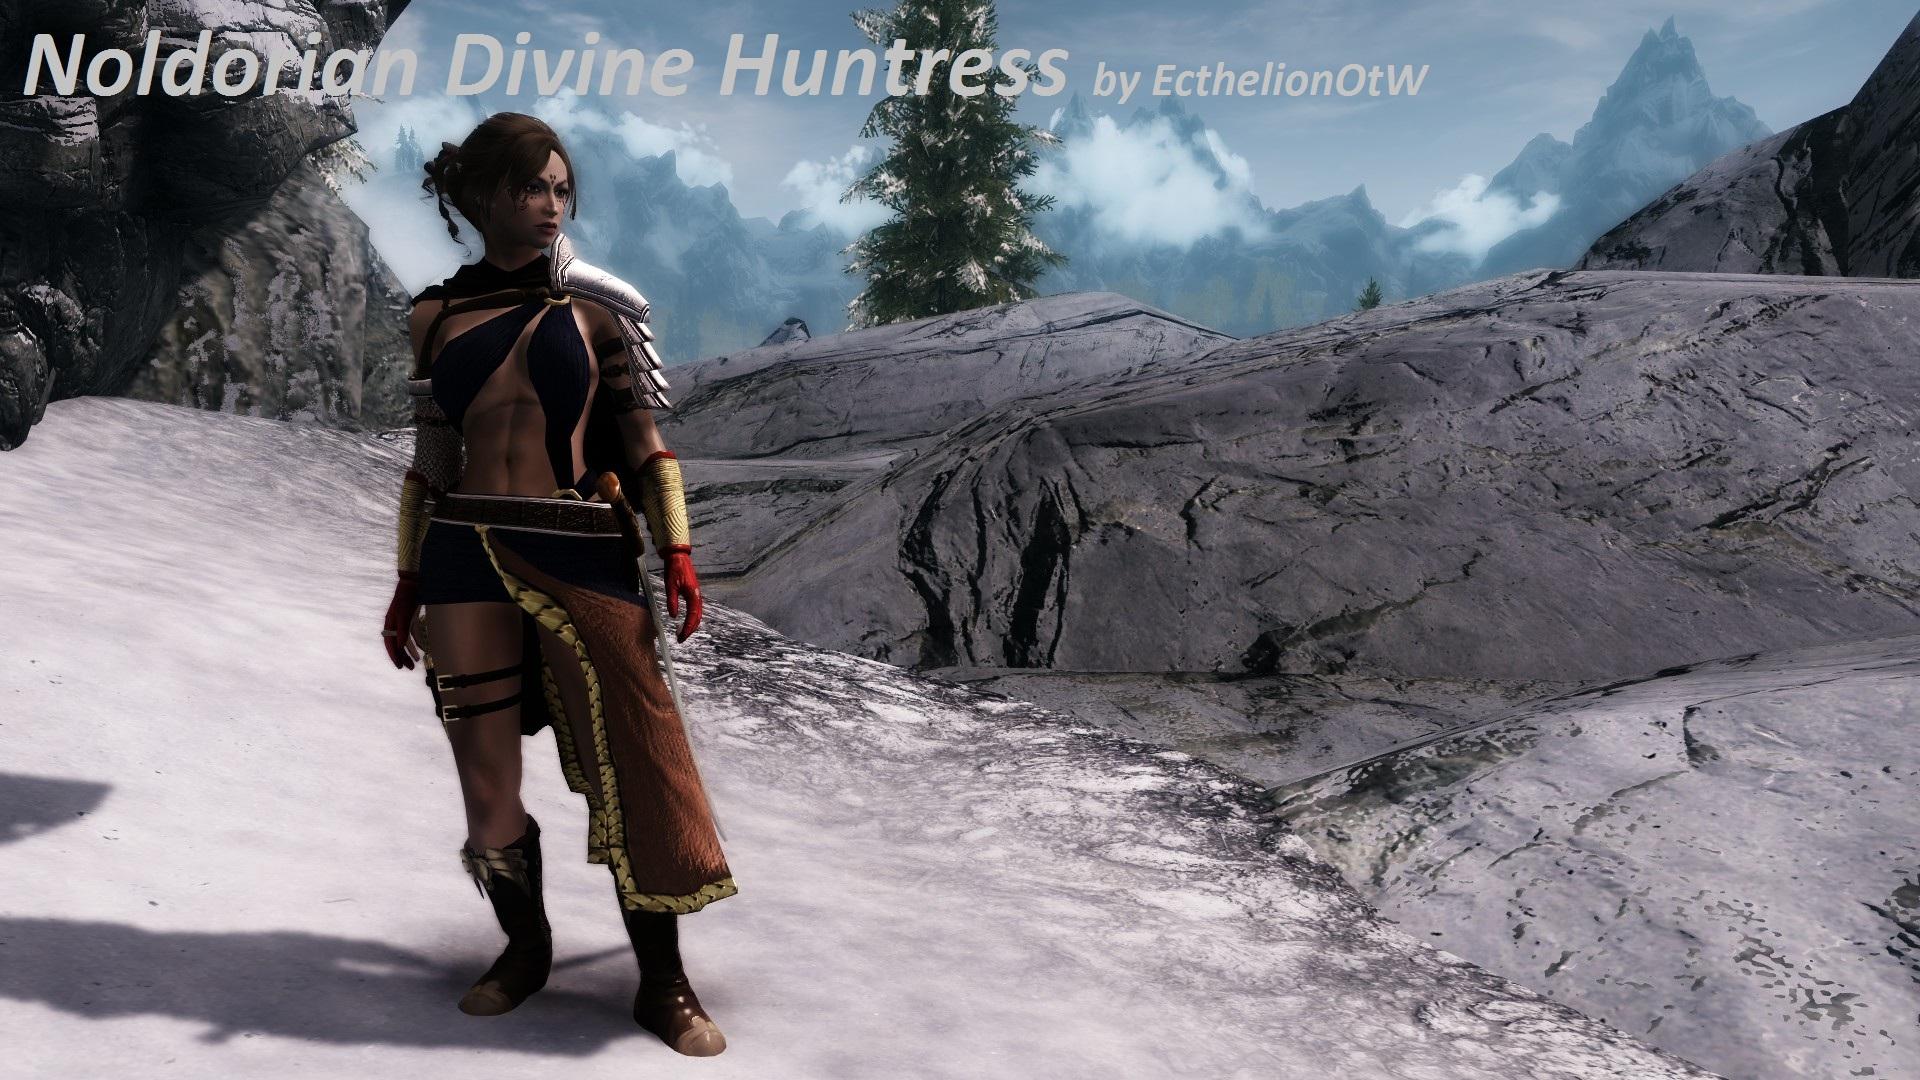 Noldorian_Divine_Huntress_UNP_CBBE.jpg